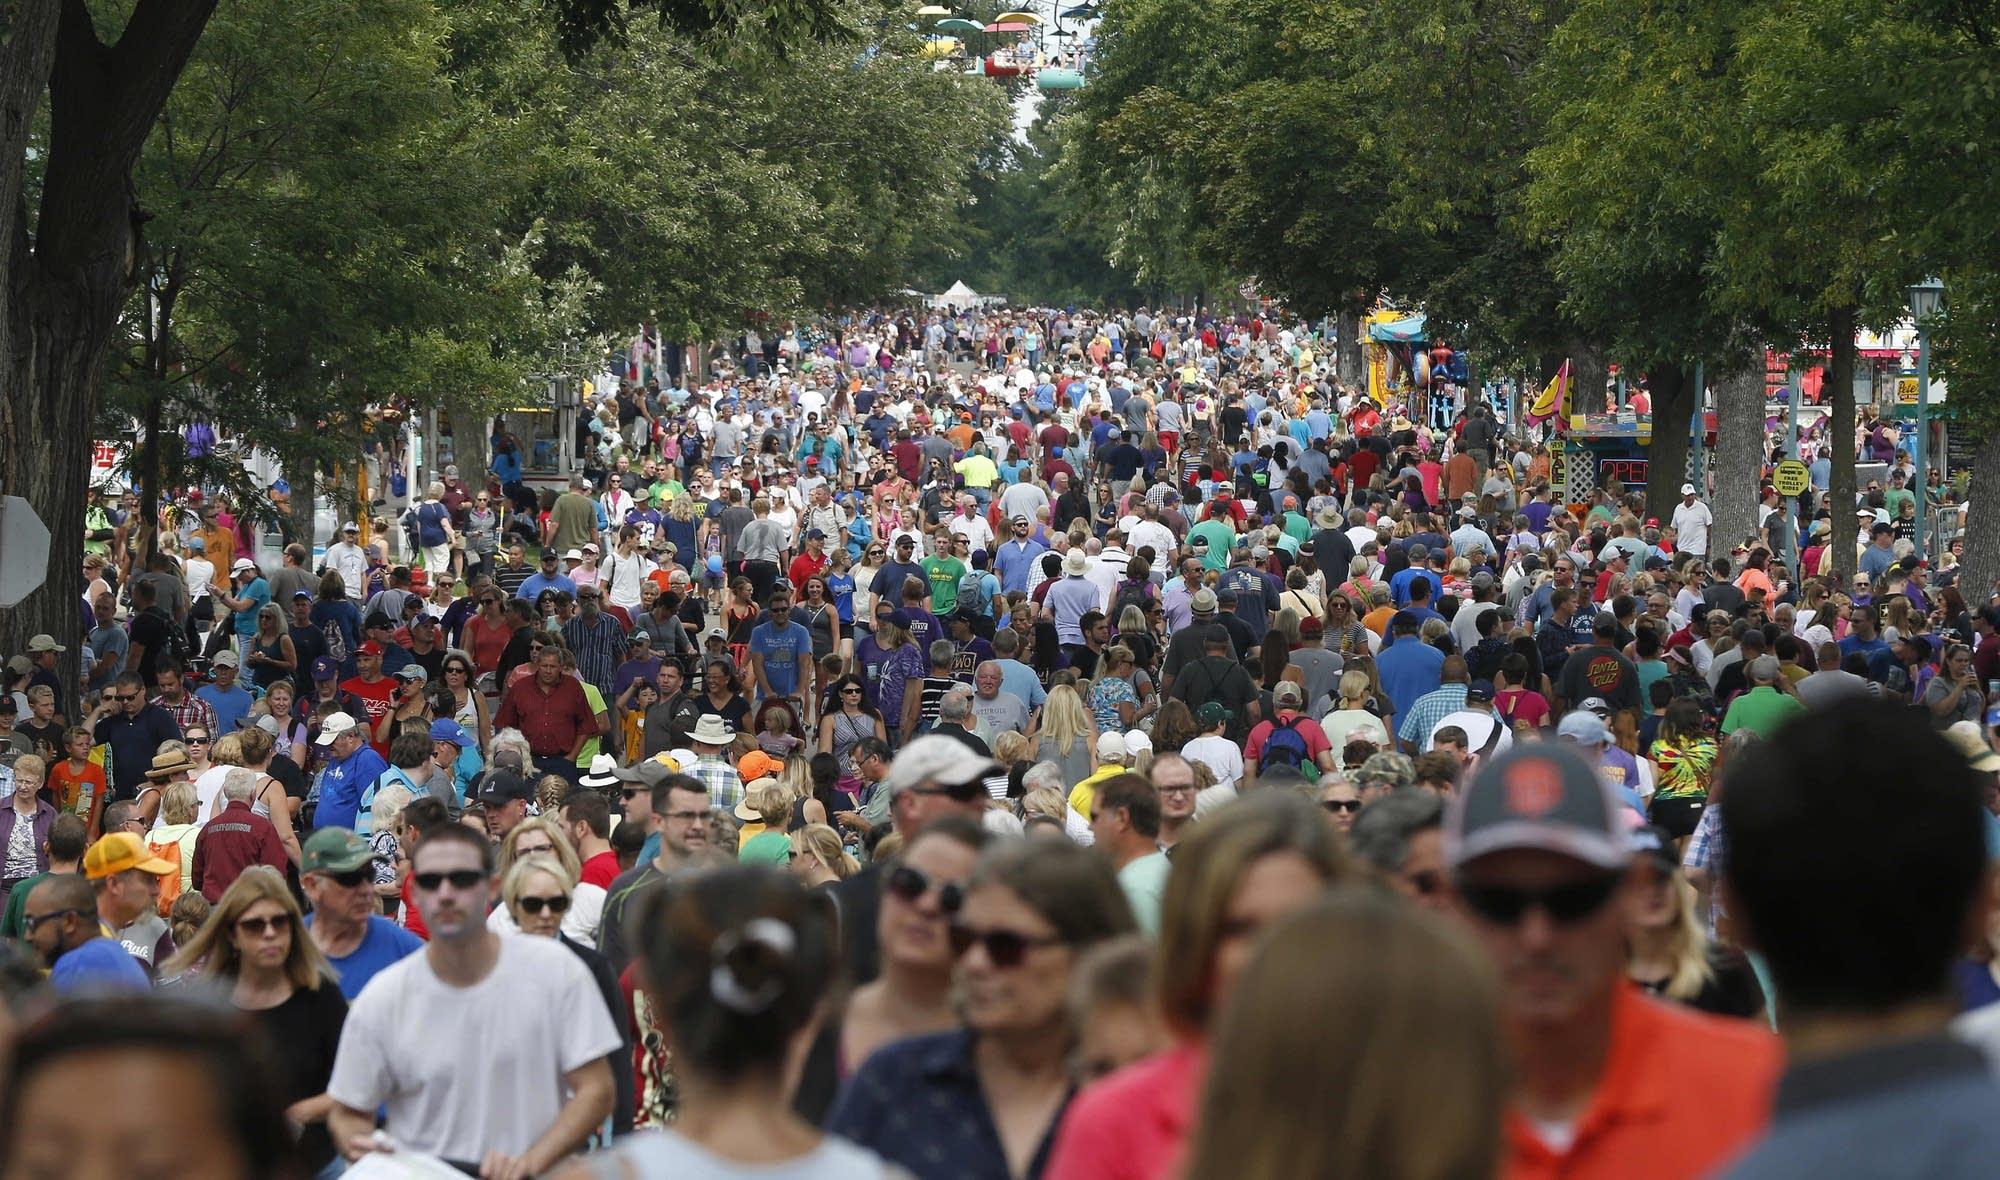 State Fair crowds